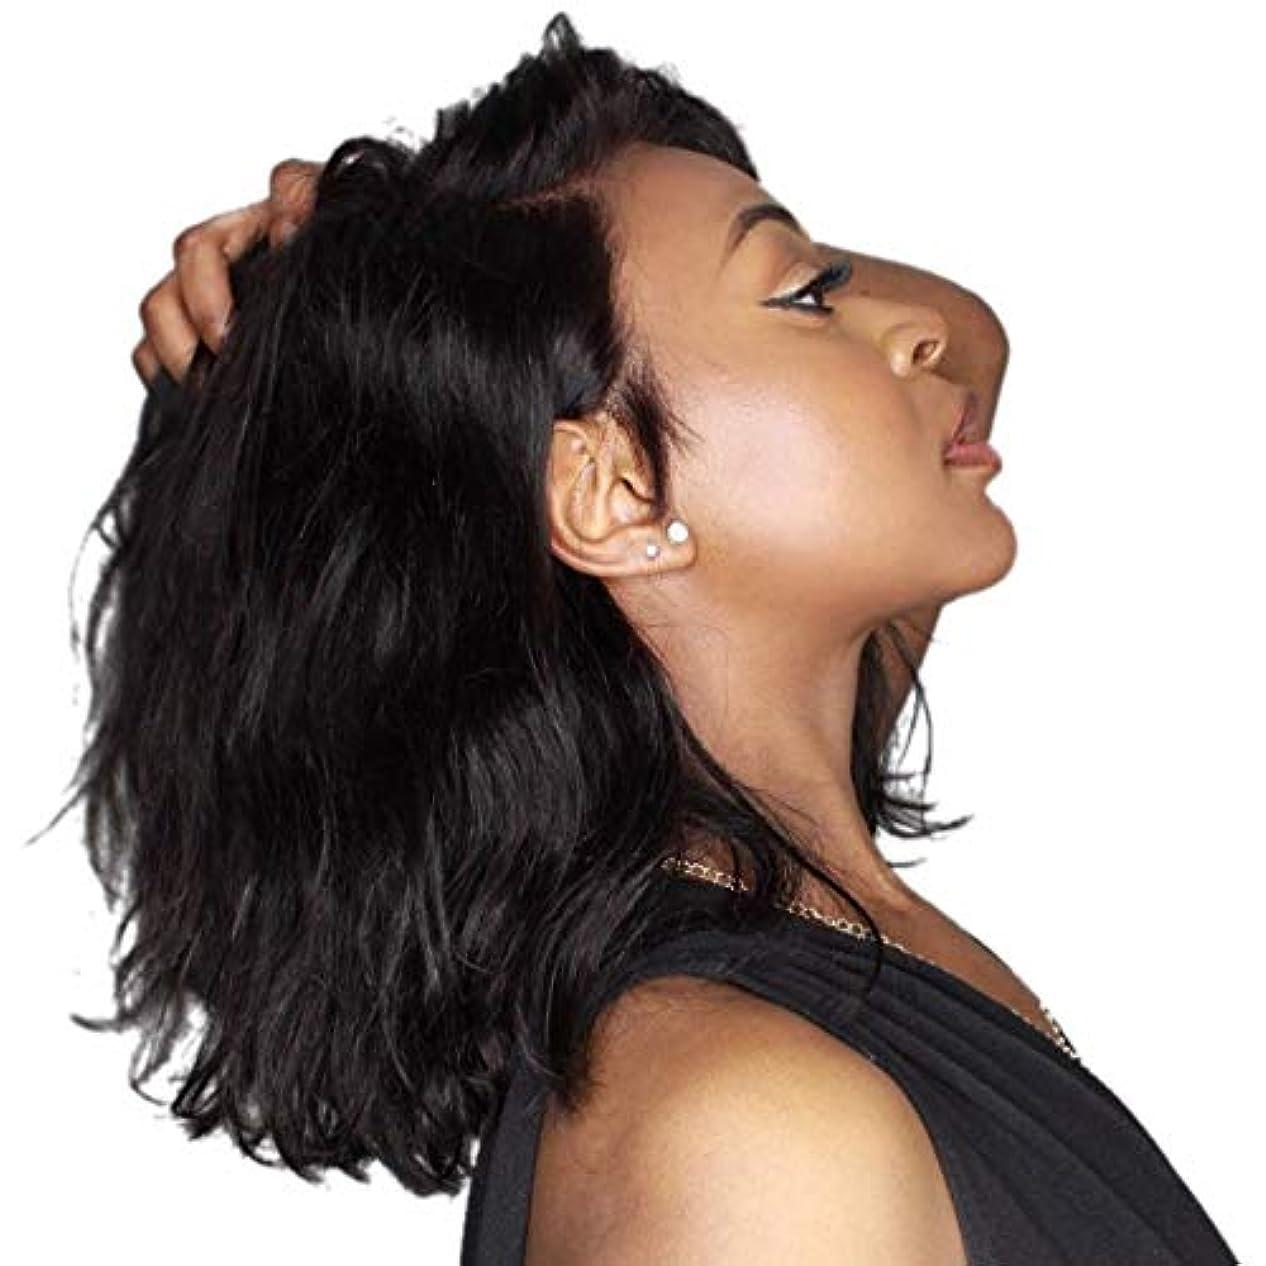 インド業界エジプトWTYD 美容ヘアツール レースかつら人間の髪の毛自然な波Nonremy黒人女性のヘッドギア (色 : Natural Color, サイズ : One Size)